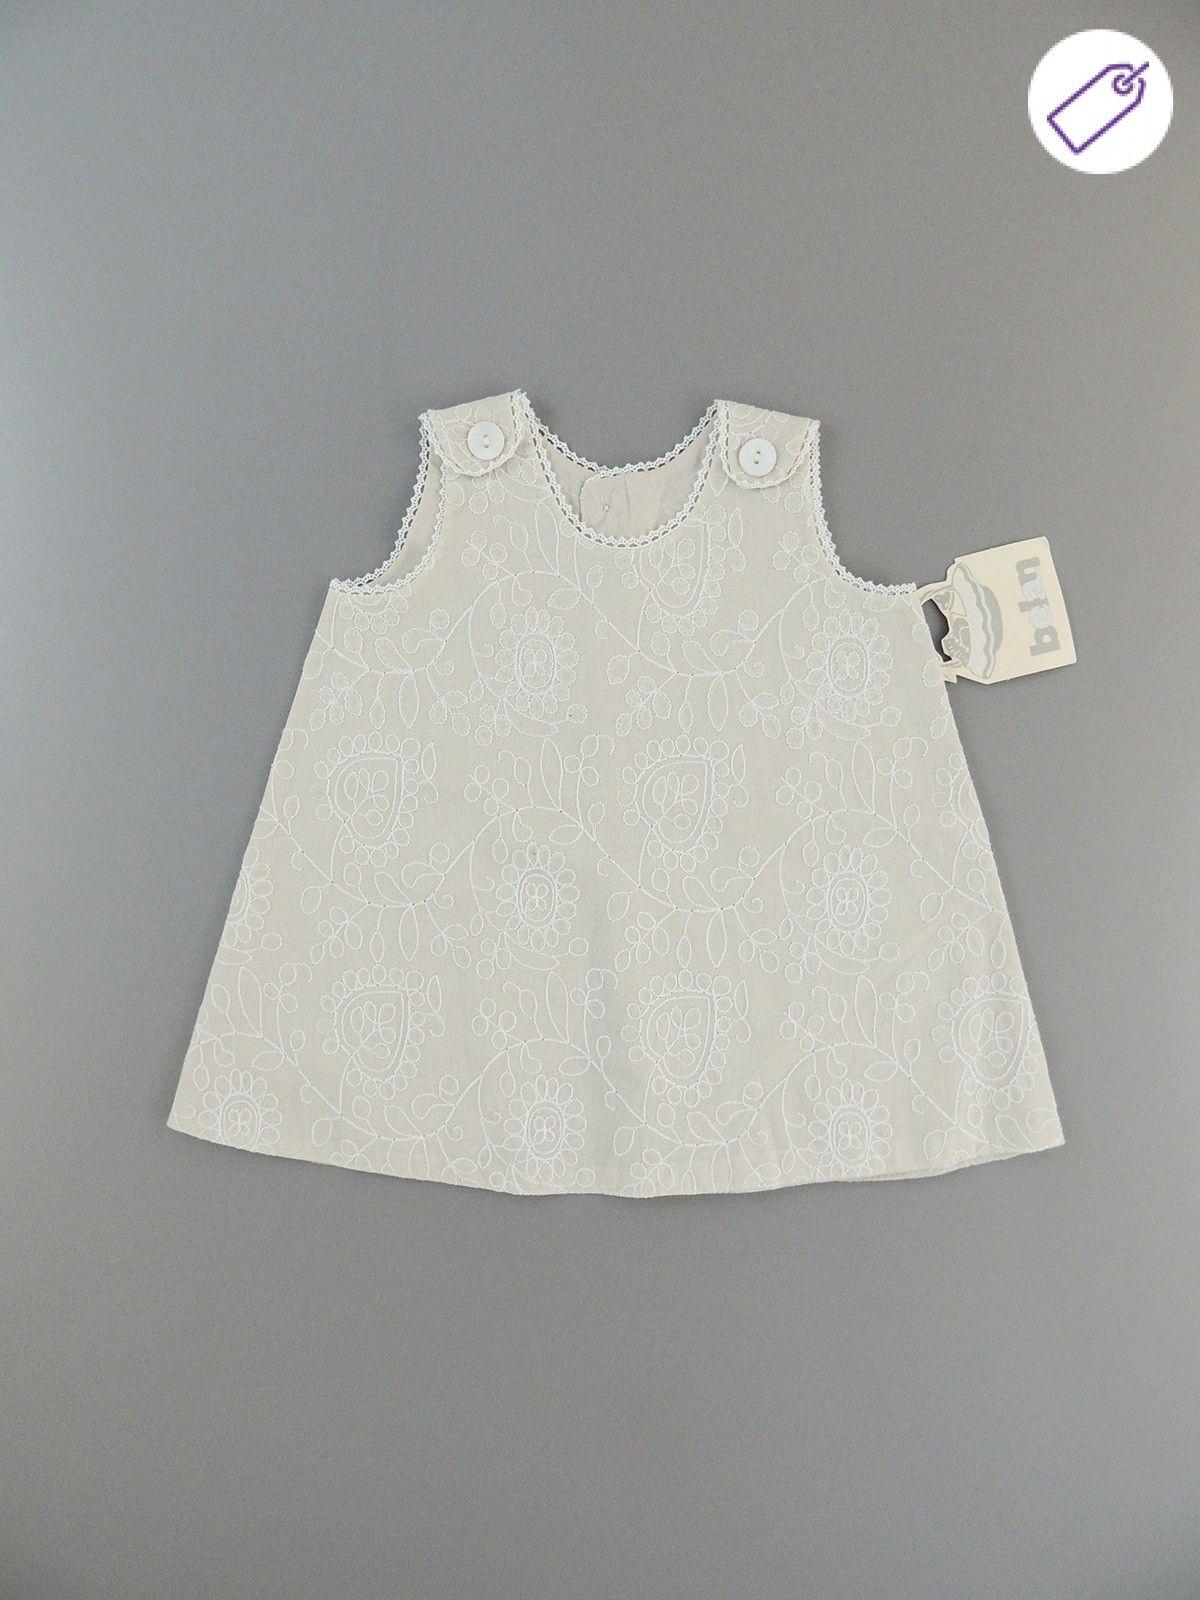 Vestido beige bordado blanco delante